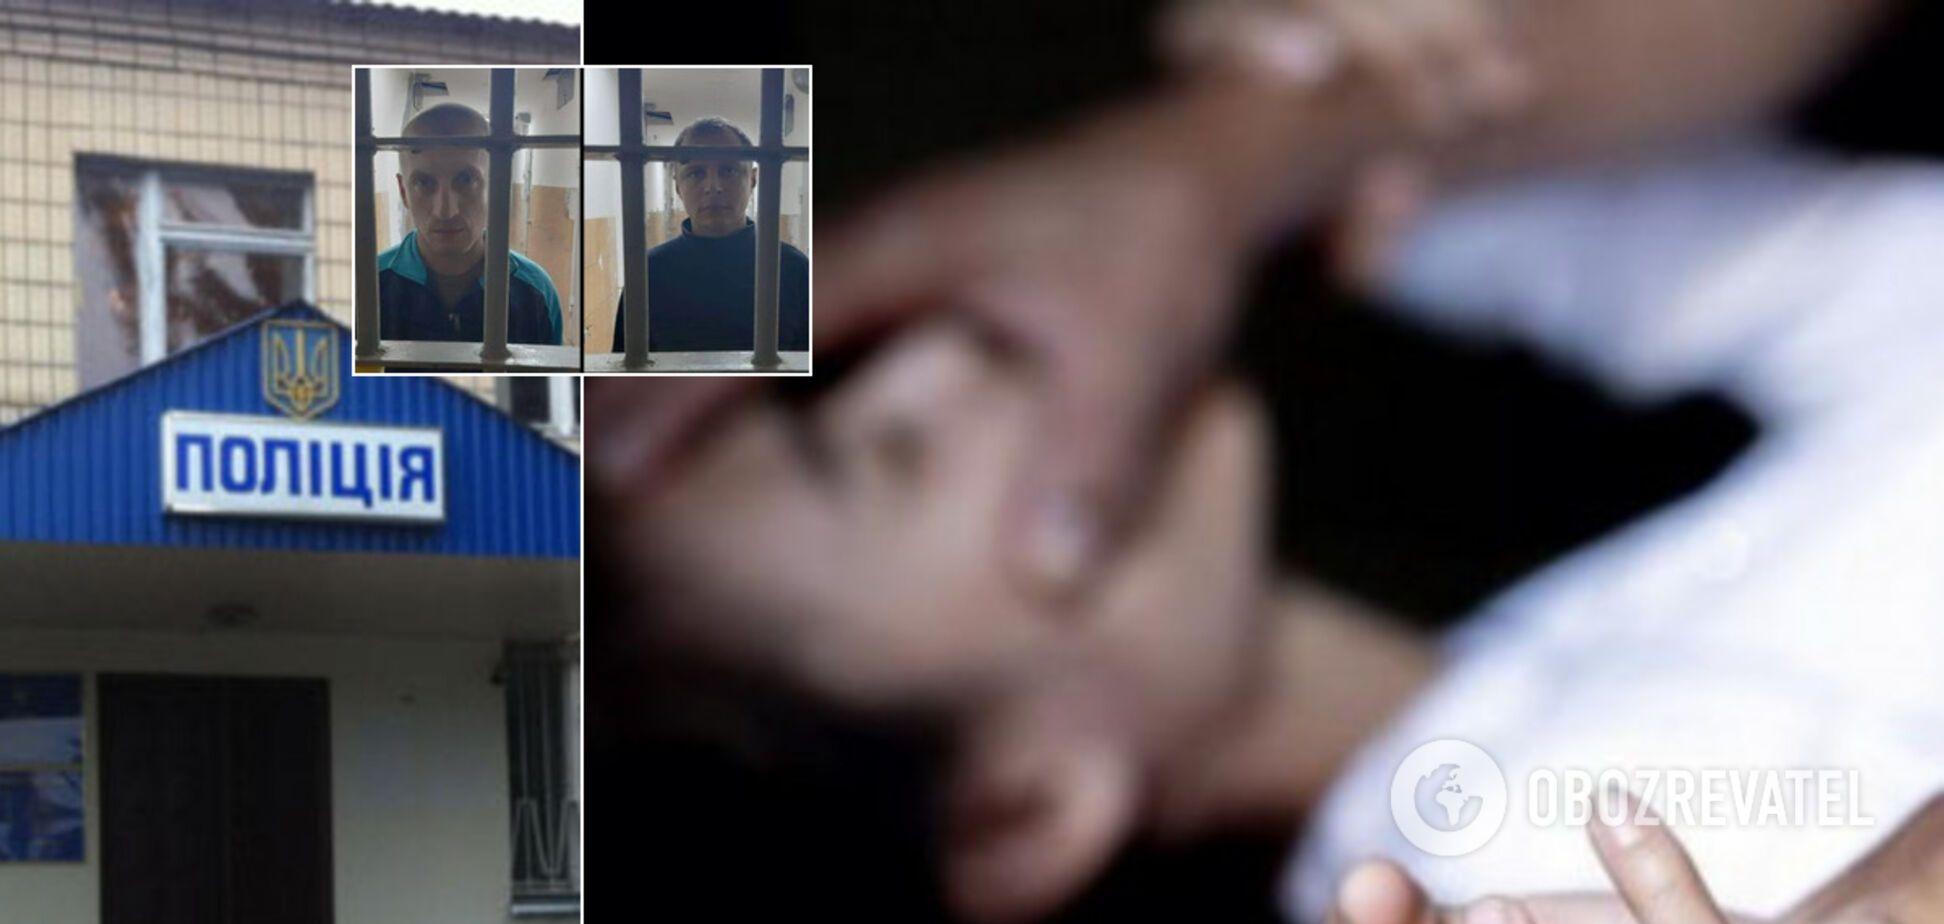 ЗМІ дізналися про важку долю жертви зґвалтування в Кагарлику